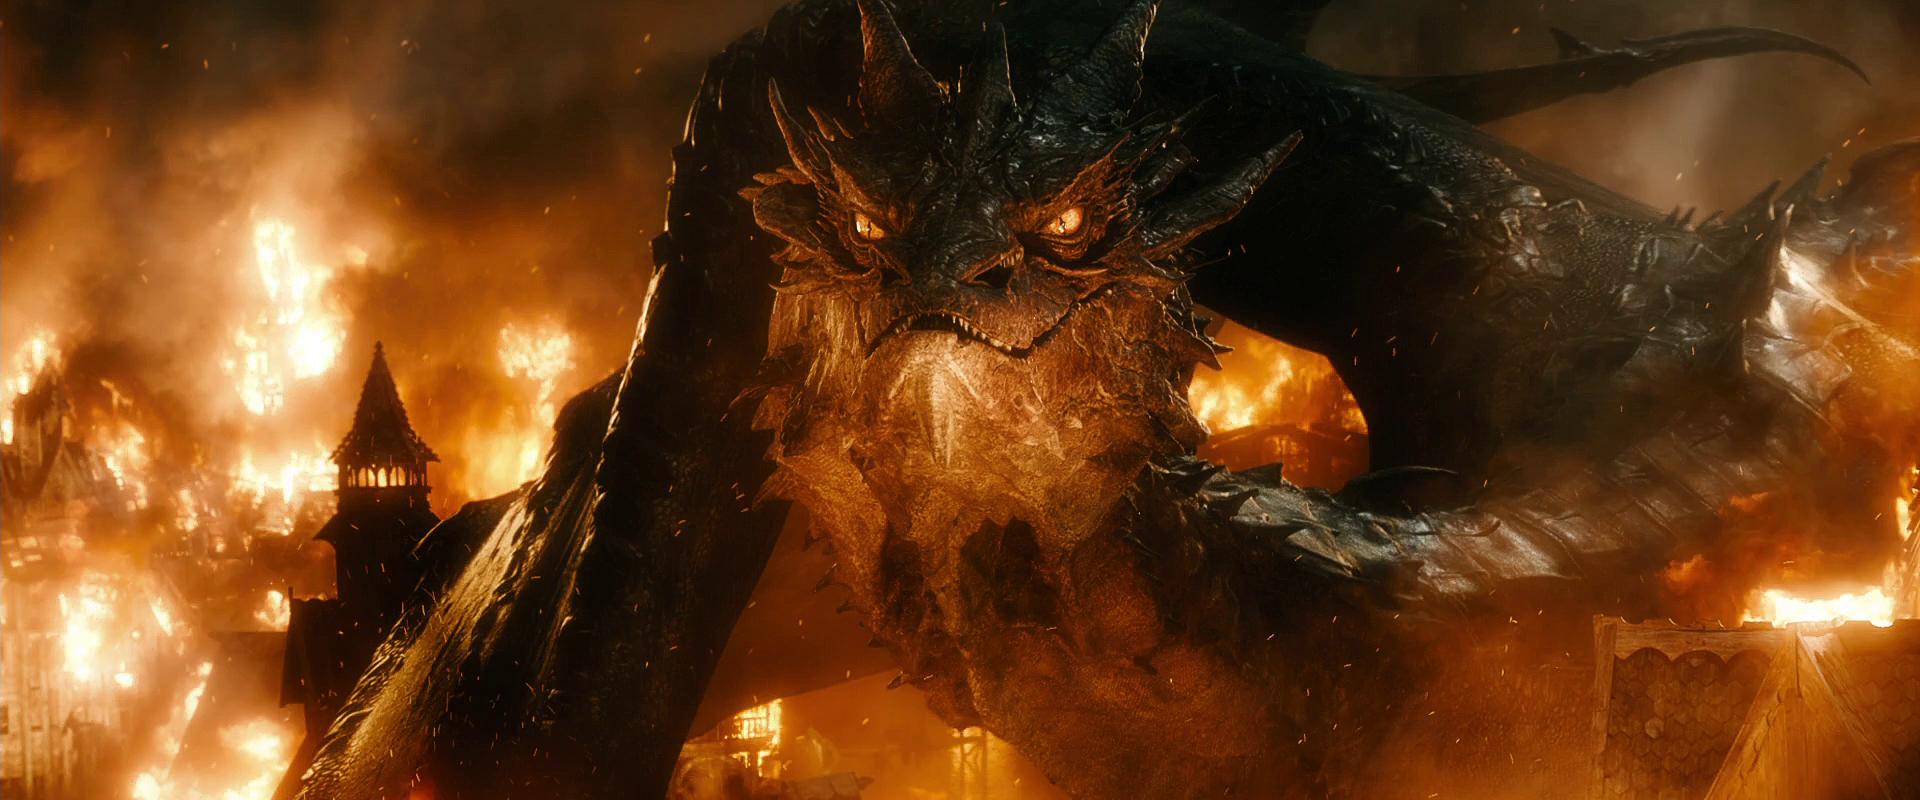 Thorin full body